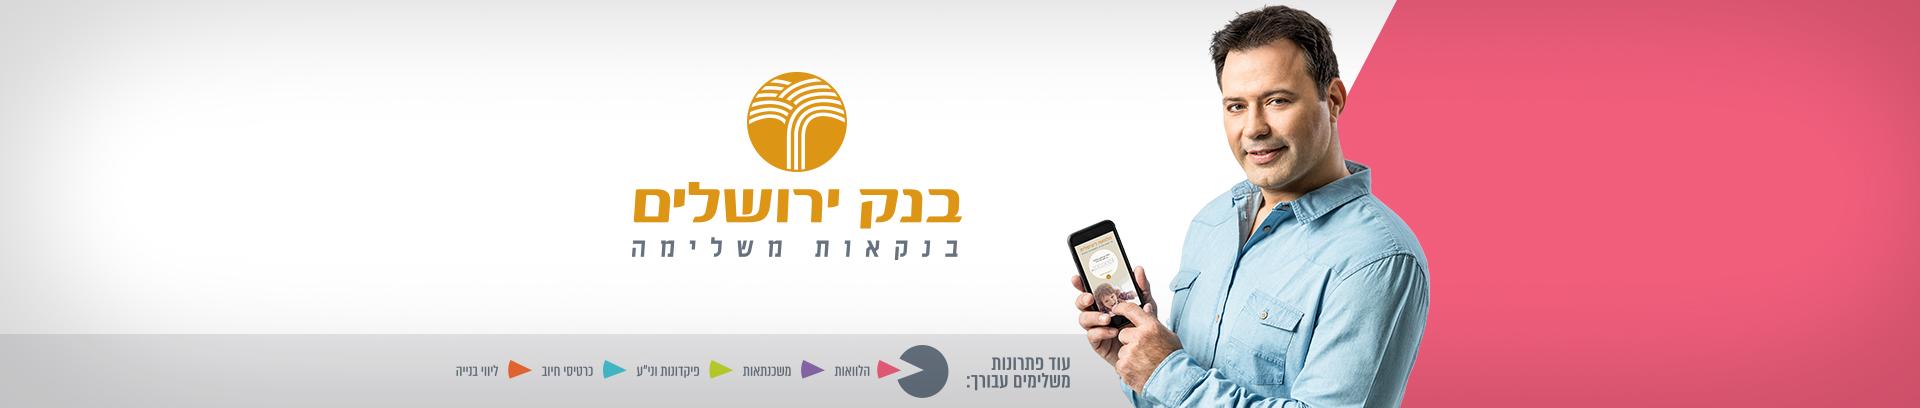 בנק ירושלים – הלוואות תוקפות מכל כיוון